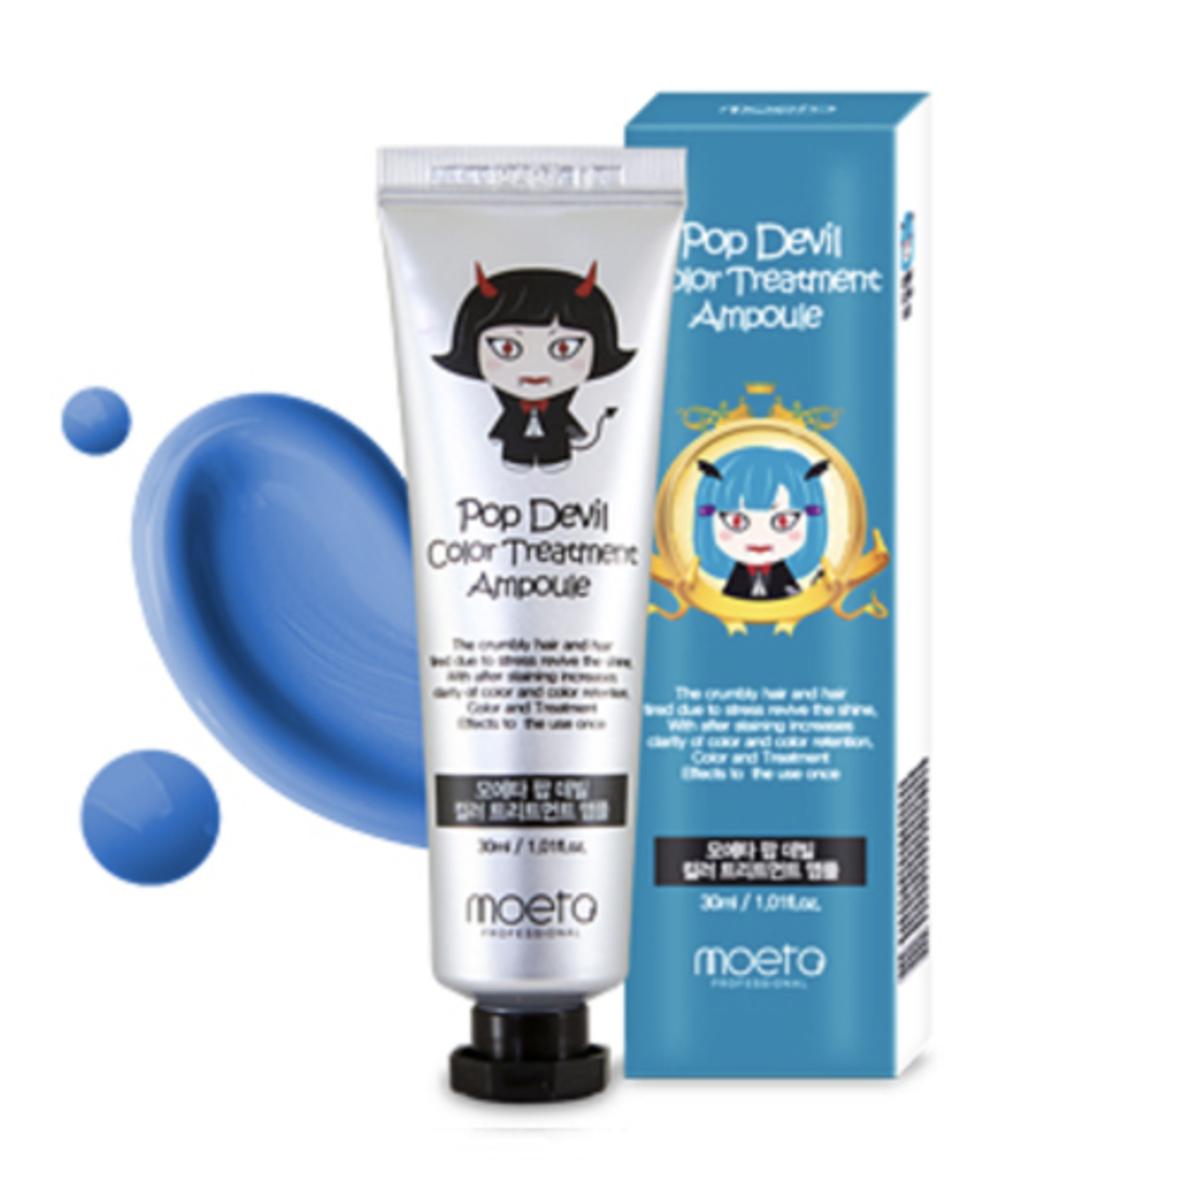 Popdevil Color Treatment Ampoule (Ocean Blue)